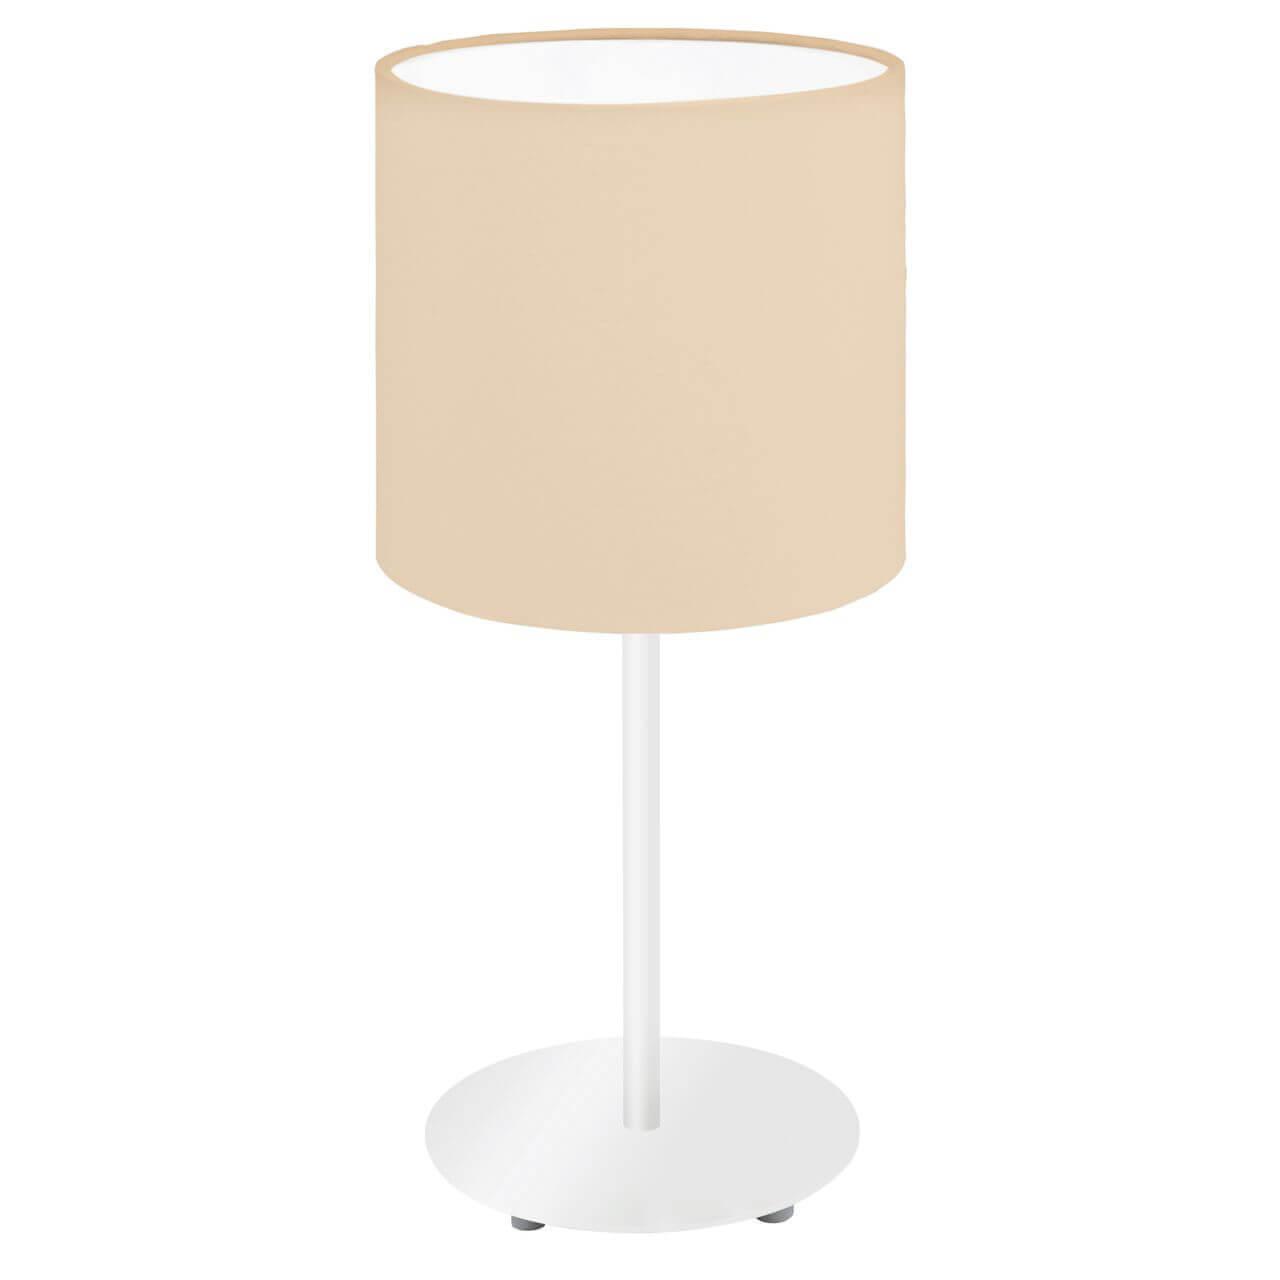 Настольная лампа Eglo Pasteri-P 97565 настольная лампа eglo pasteri 95119